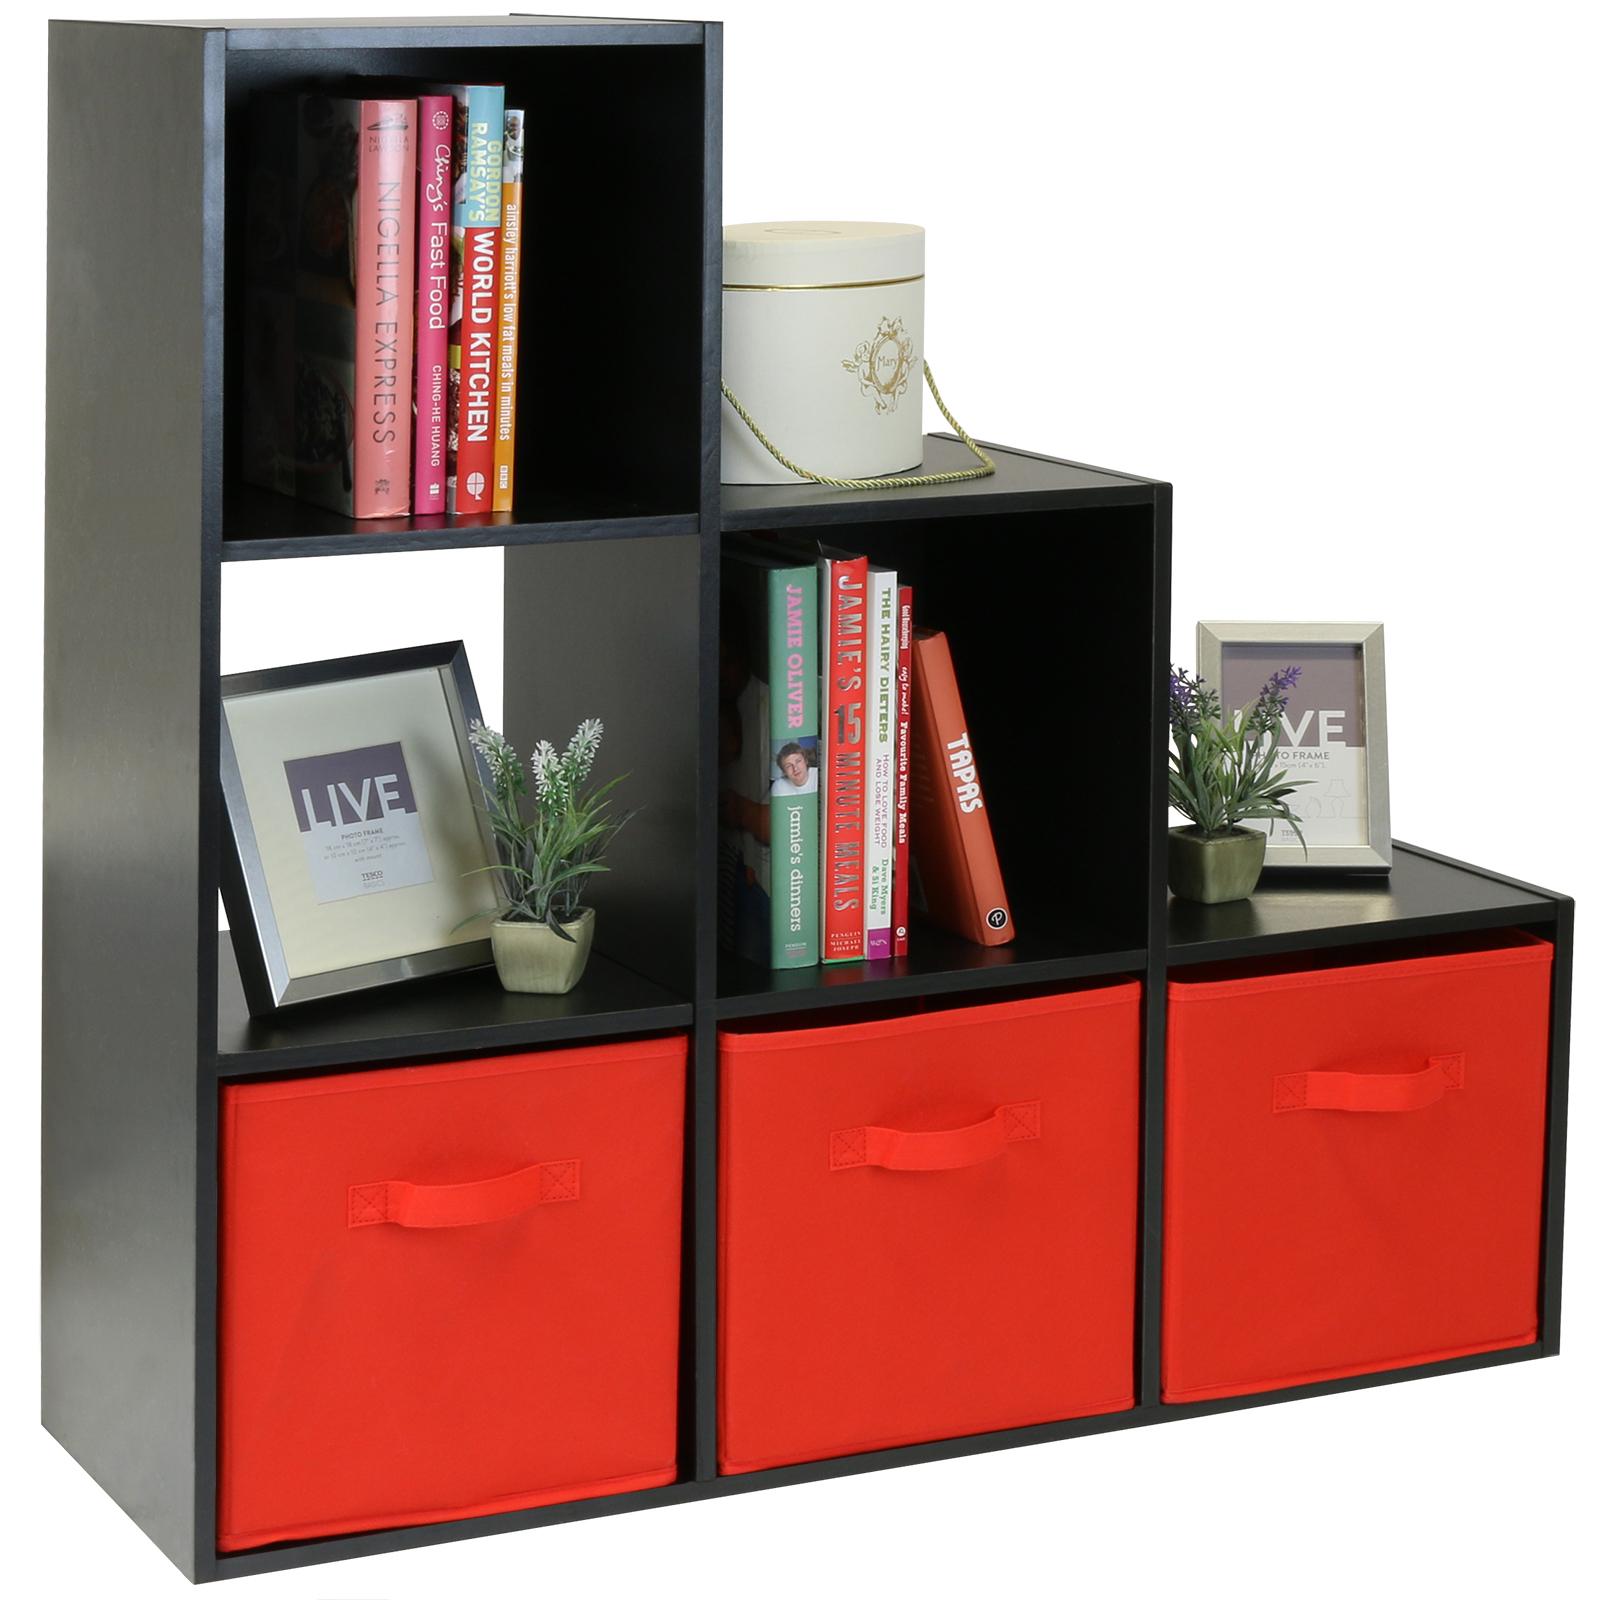 Scaffali Low Cost.Dettagli Su Hartleys Mobile Scaffale Nero Con 6 Cubi Modulare Moderno E 3 Cassetti Rosso